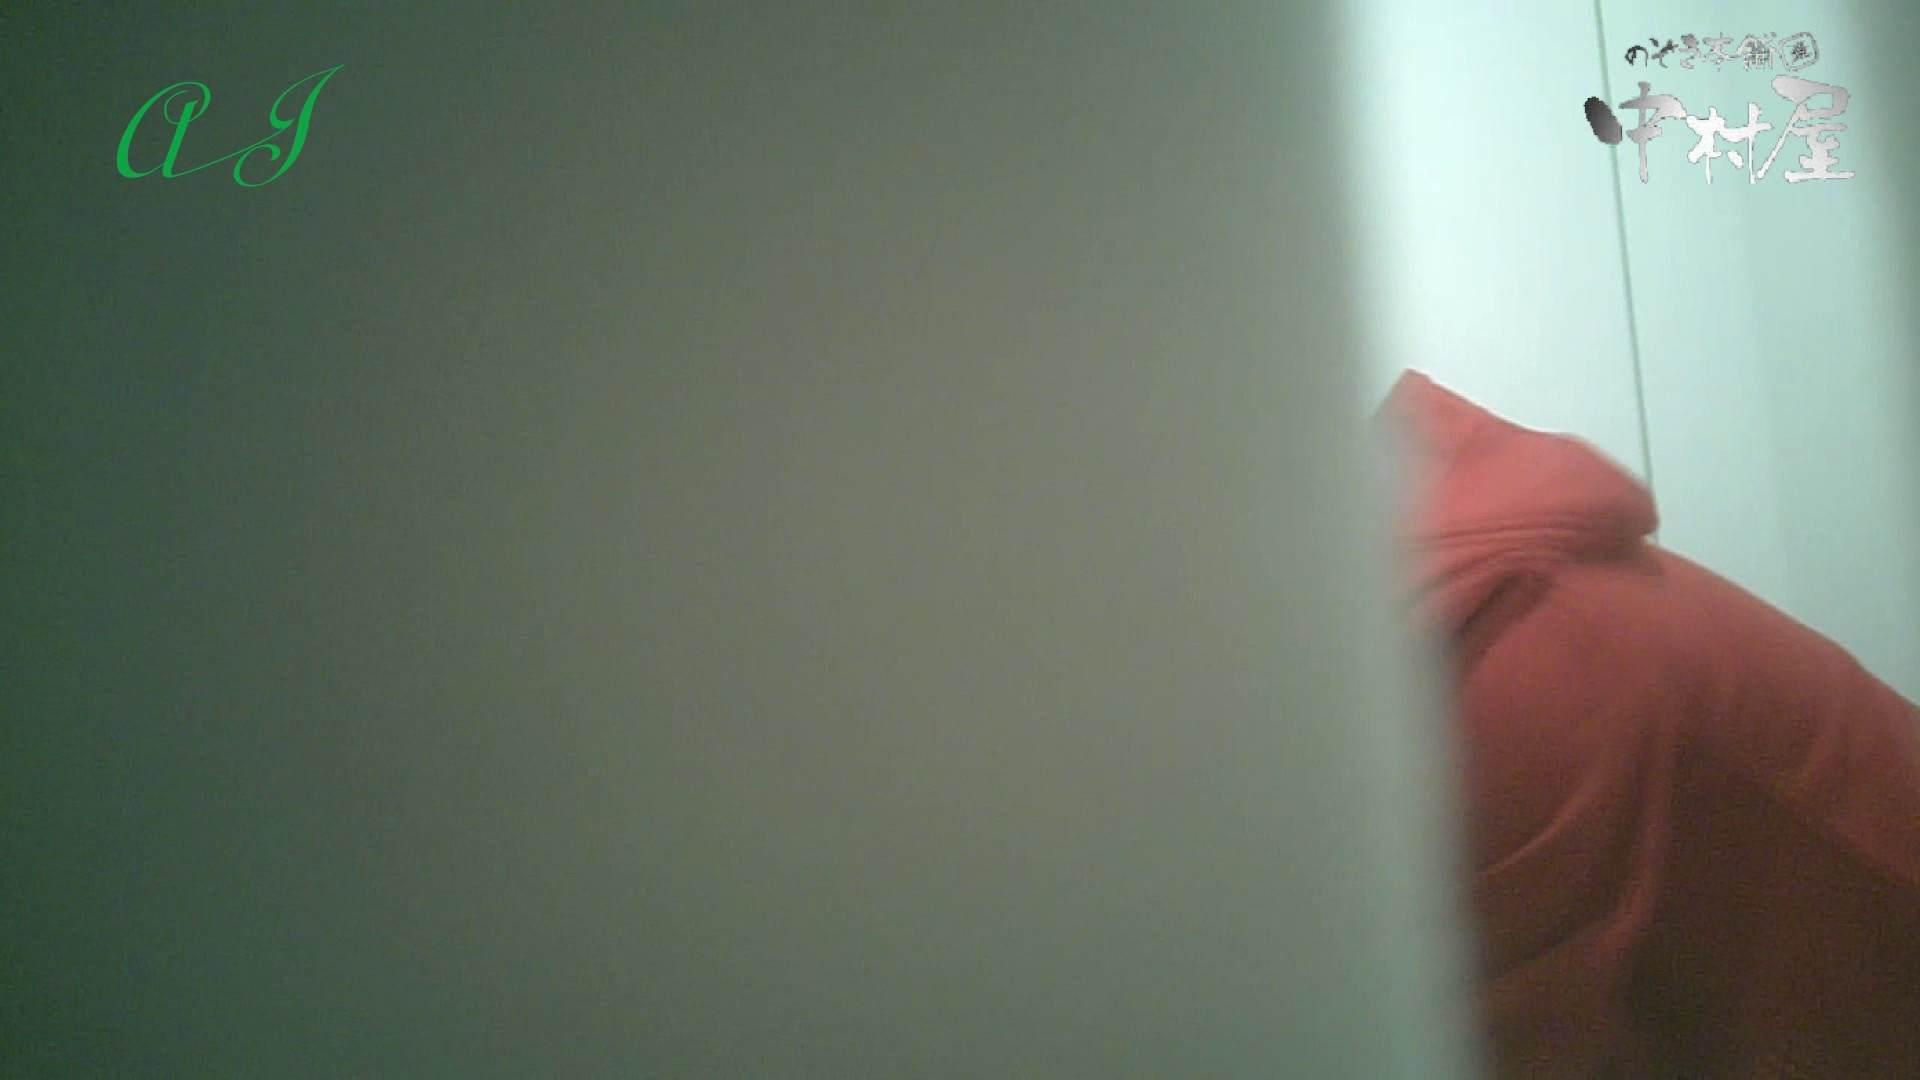 有名大学女性洗面所 vol.59 新アングル追加!相変わらずの美女率!! 投稿 濡れ場動画紹介 109PIX 14